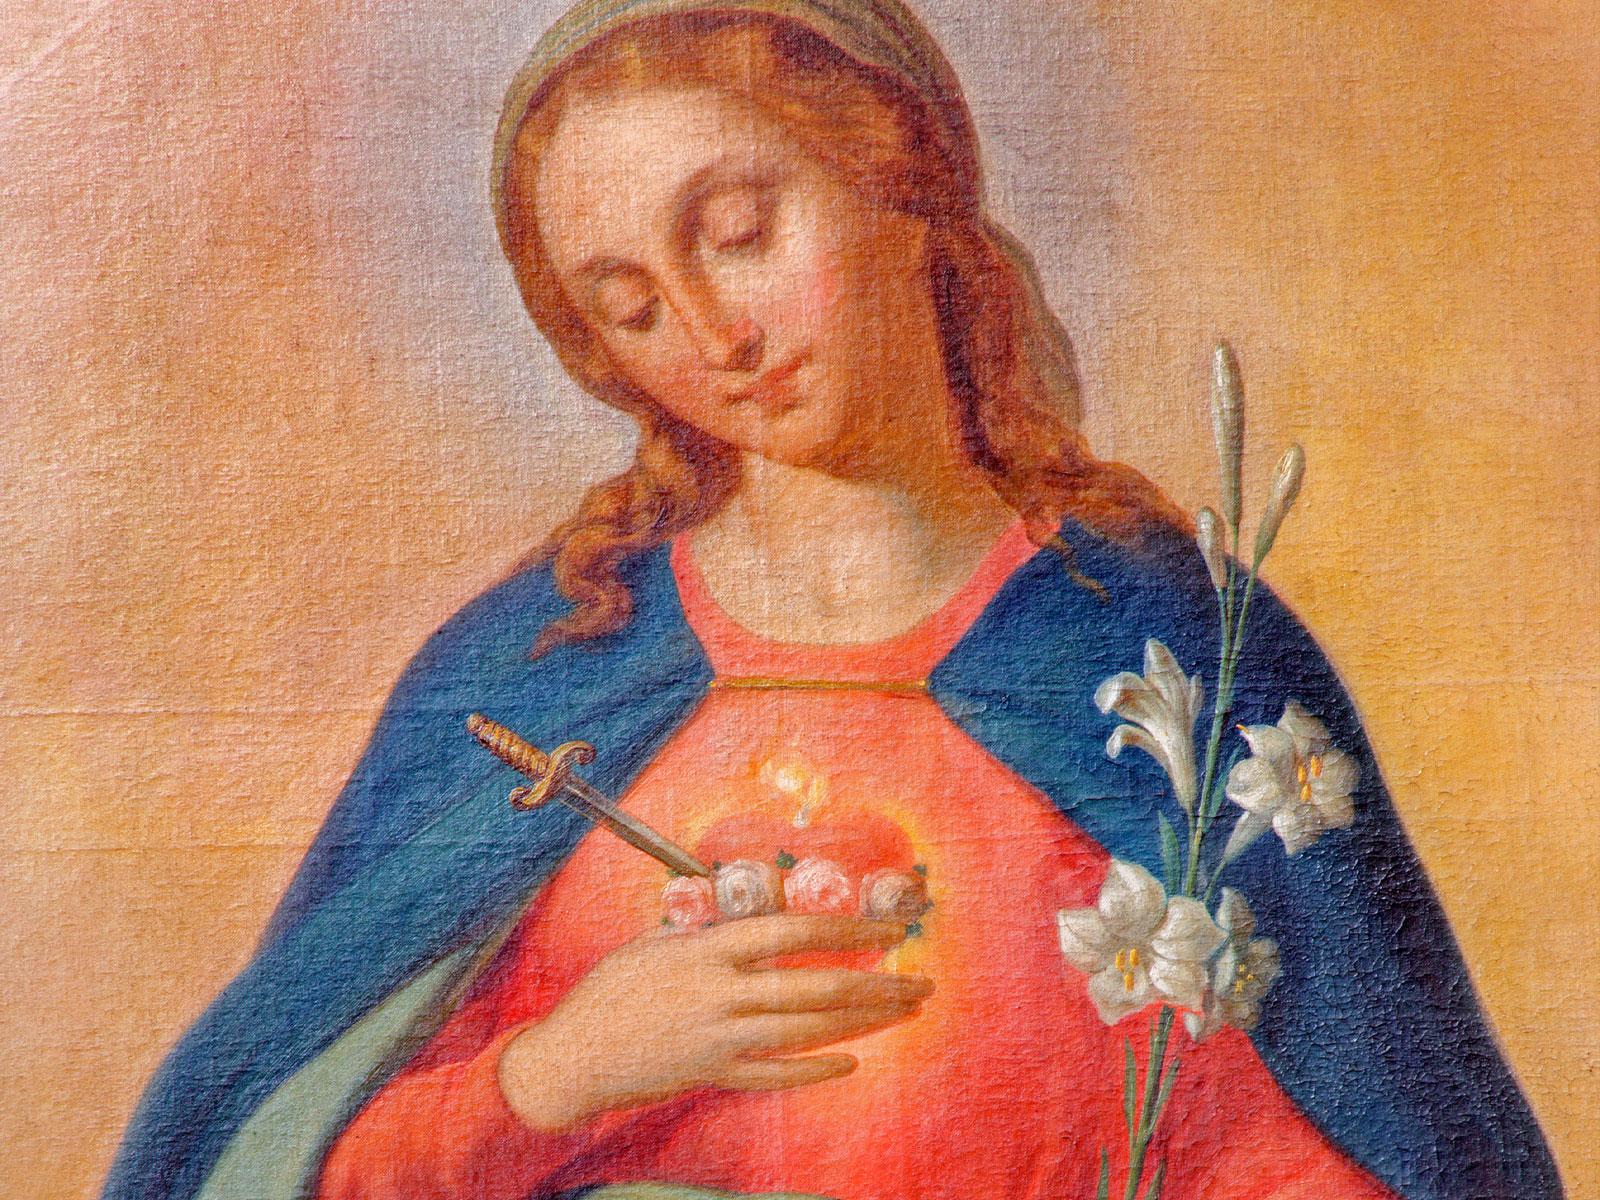 Conheça-a-origem-da-devoção-ao-Imaculado-Coração-de-Maria